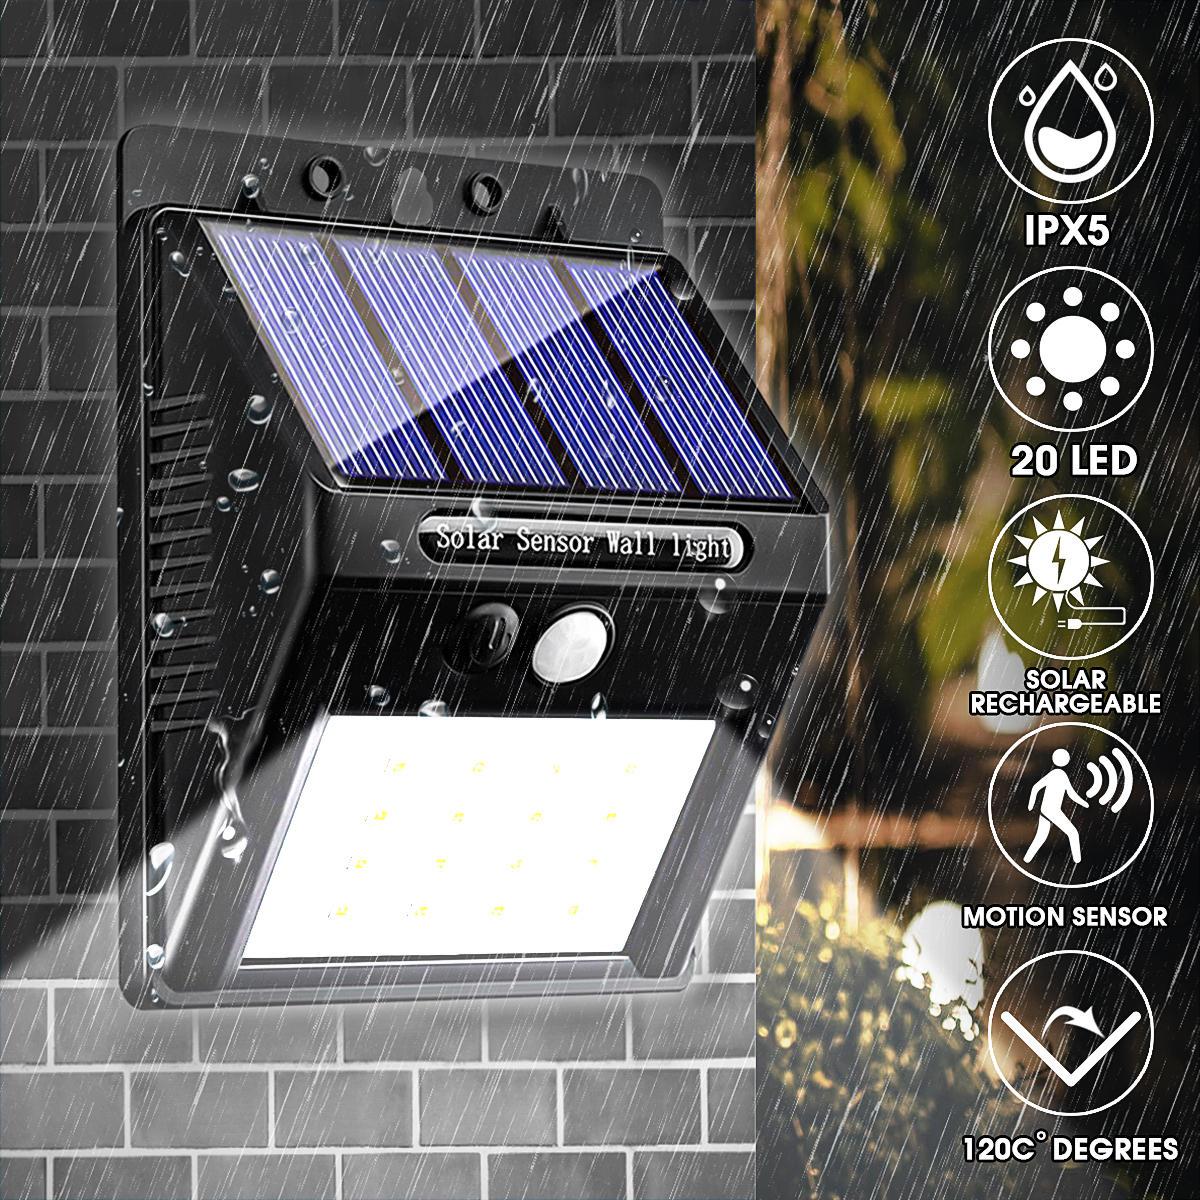 20 LED 400Lumen На открытом воздухе Солнечная Wall Лампа Wireless Motion Датчик Огни Водонепроницаемы Яркий ночной свети